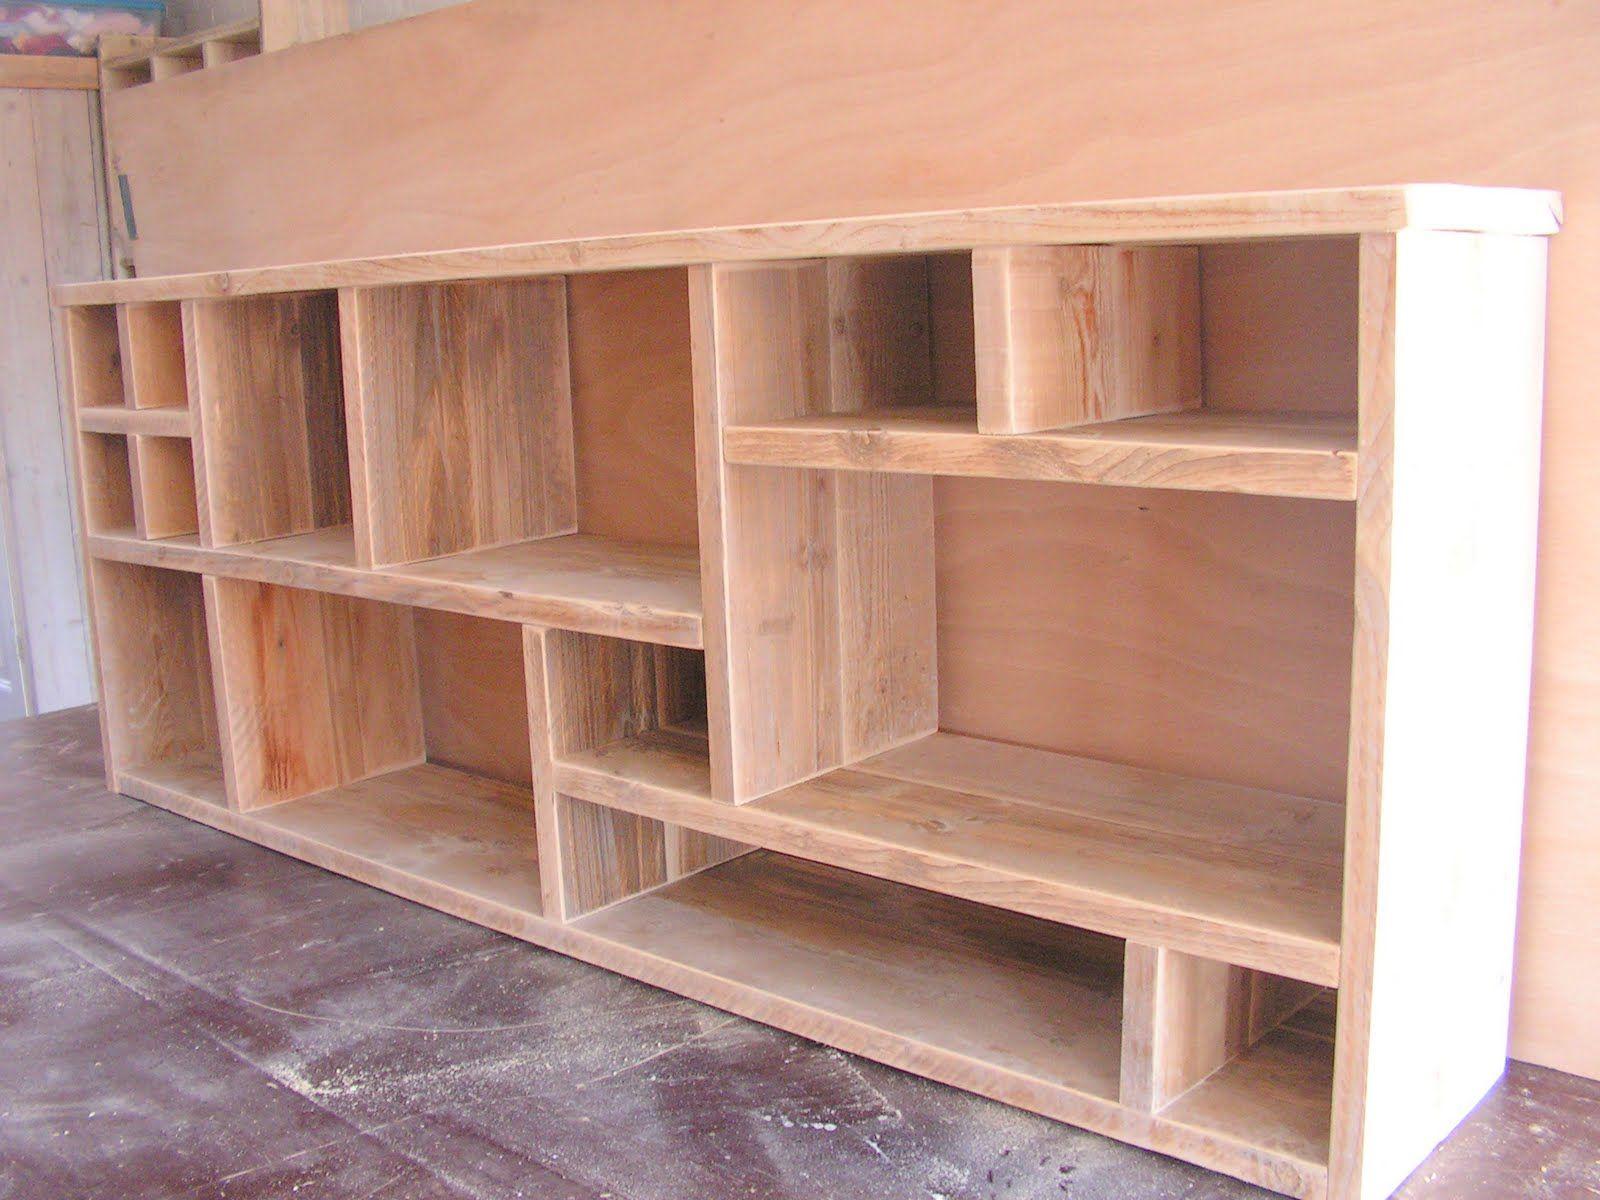 Kast steigerhout maken google zoeken kasten pinterest kast zoeken en google - Planken maken in een kast ...